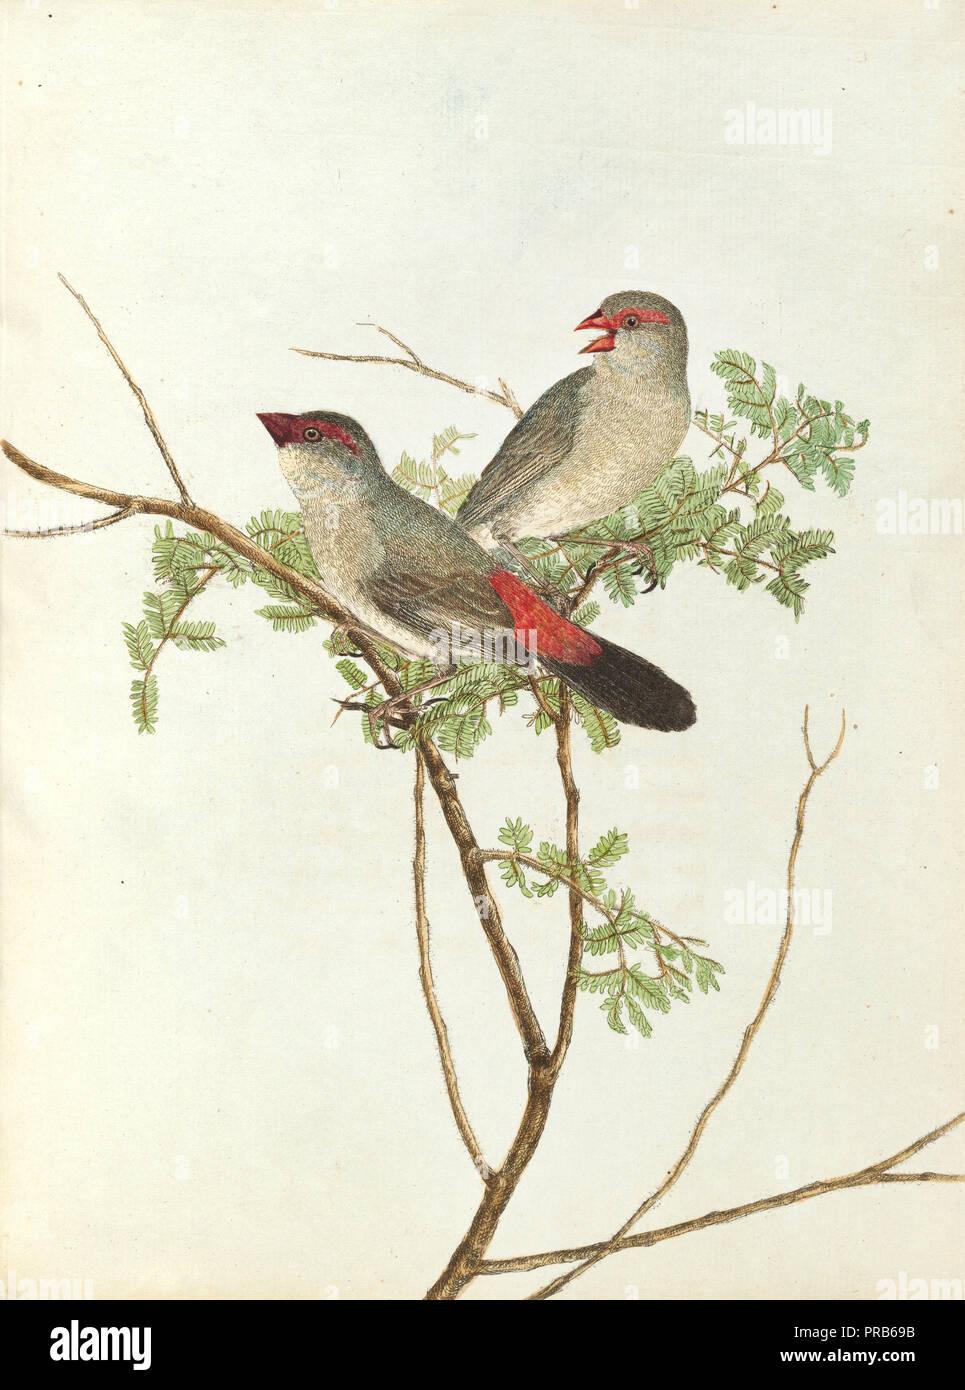 John Lewin, gemeinsame Grossbeak, 1805 Drucken, National Gallery von Australien, Canberra, Australien. Stockbild